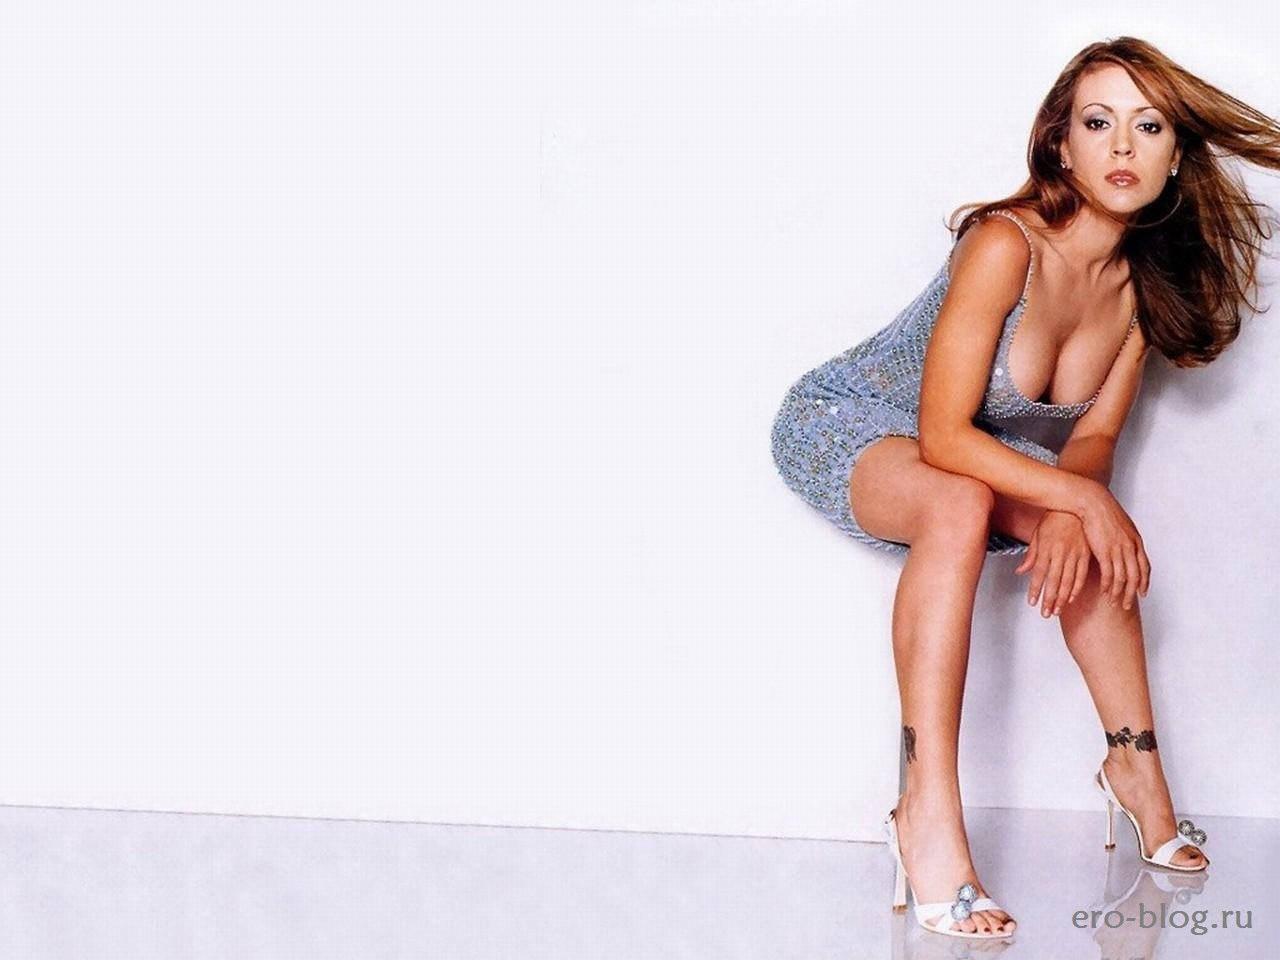 Голая обнаженная Алисса Милано интимные фото звезды